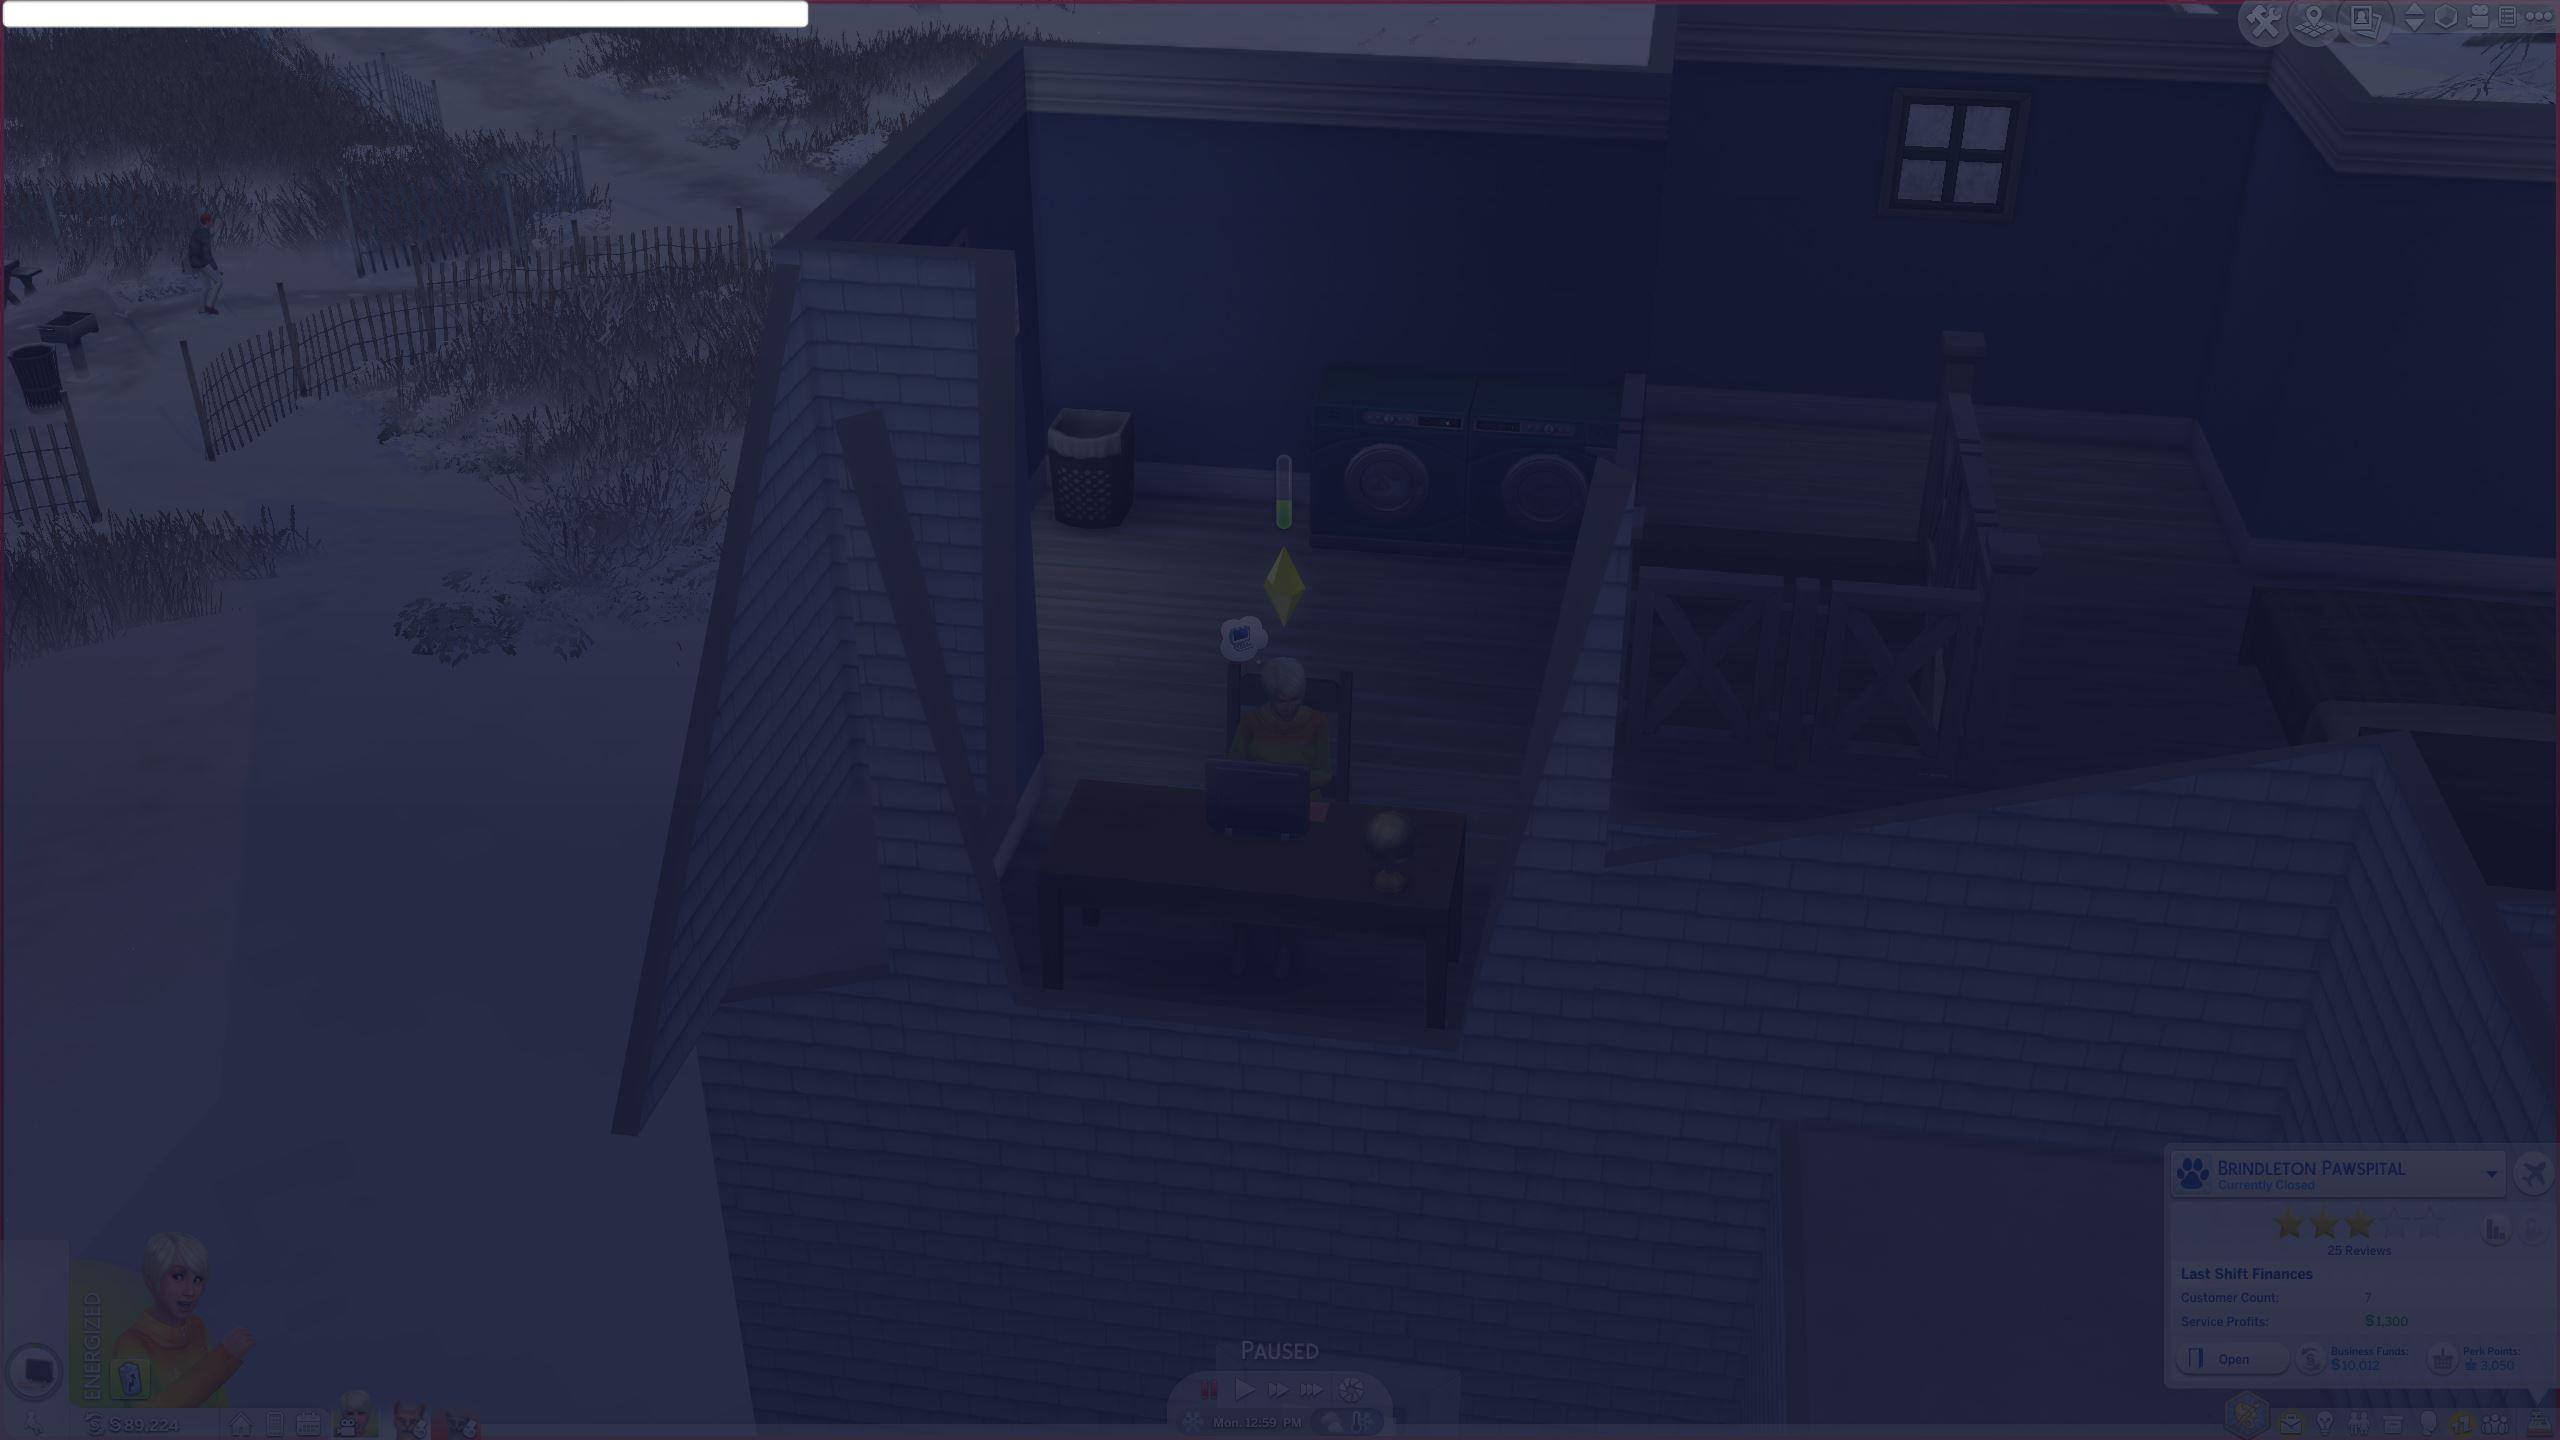 Freunde nicht 4 sims cheat funktioniert Die Sims